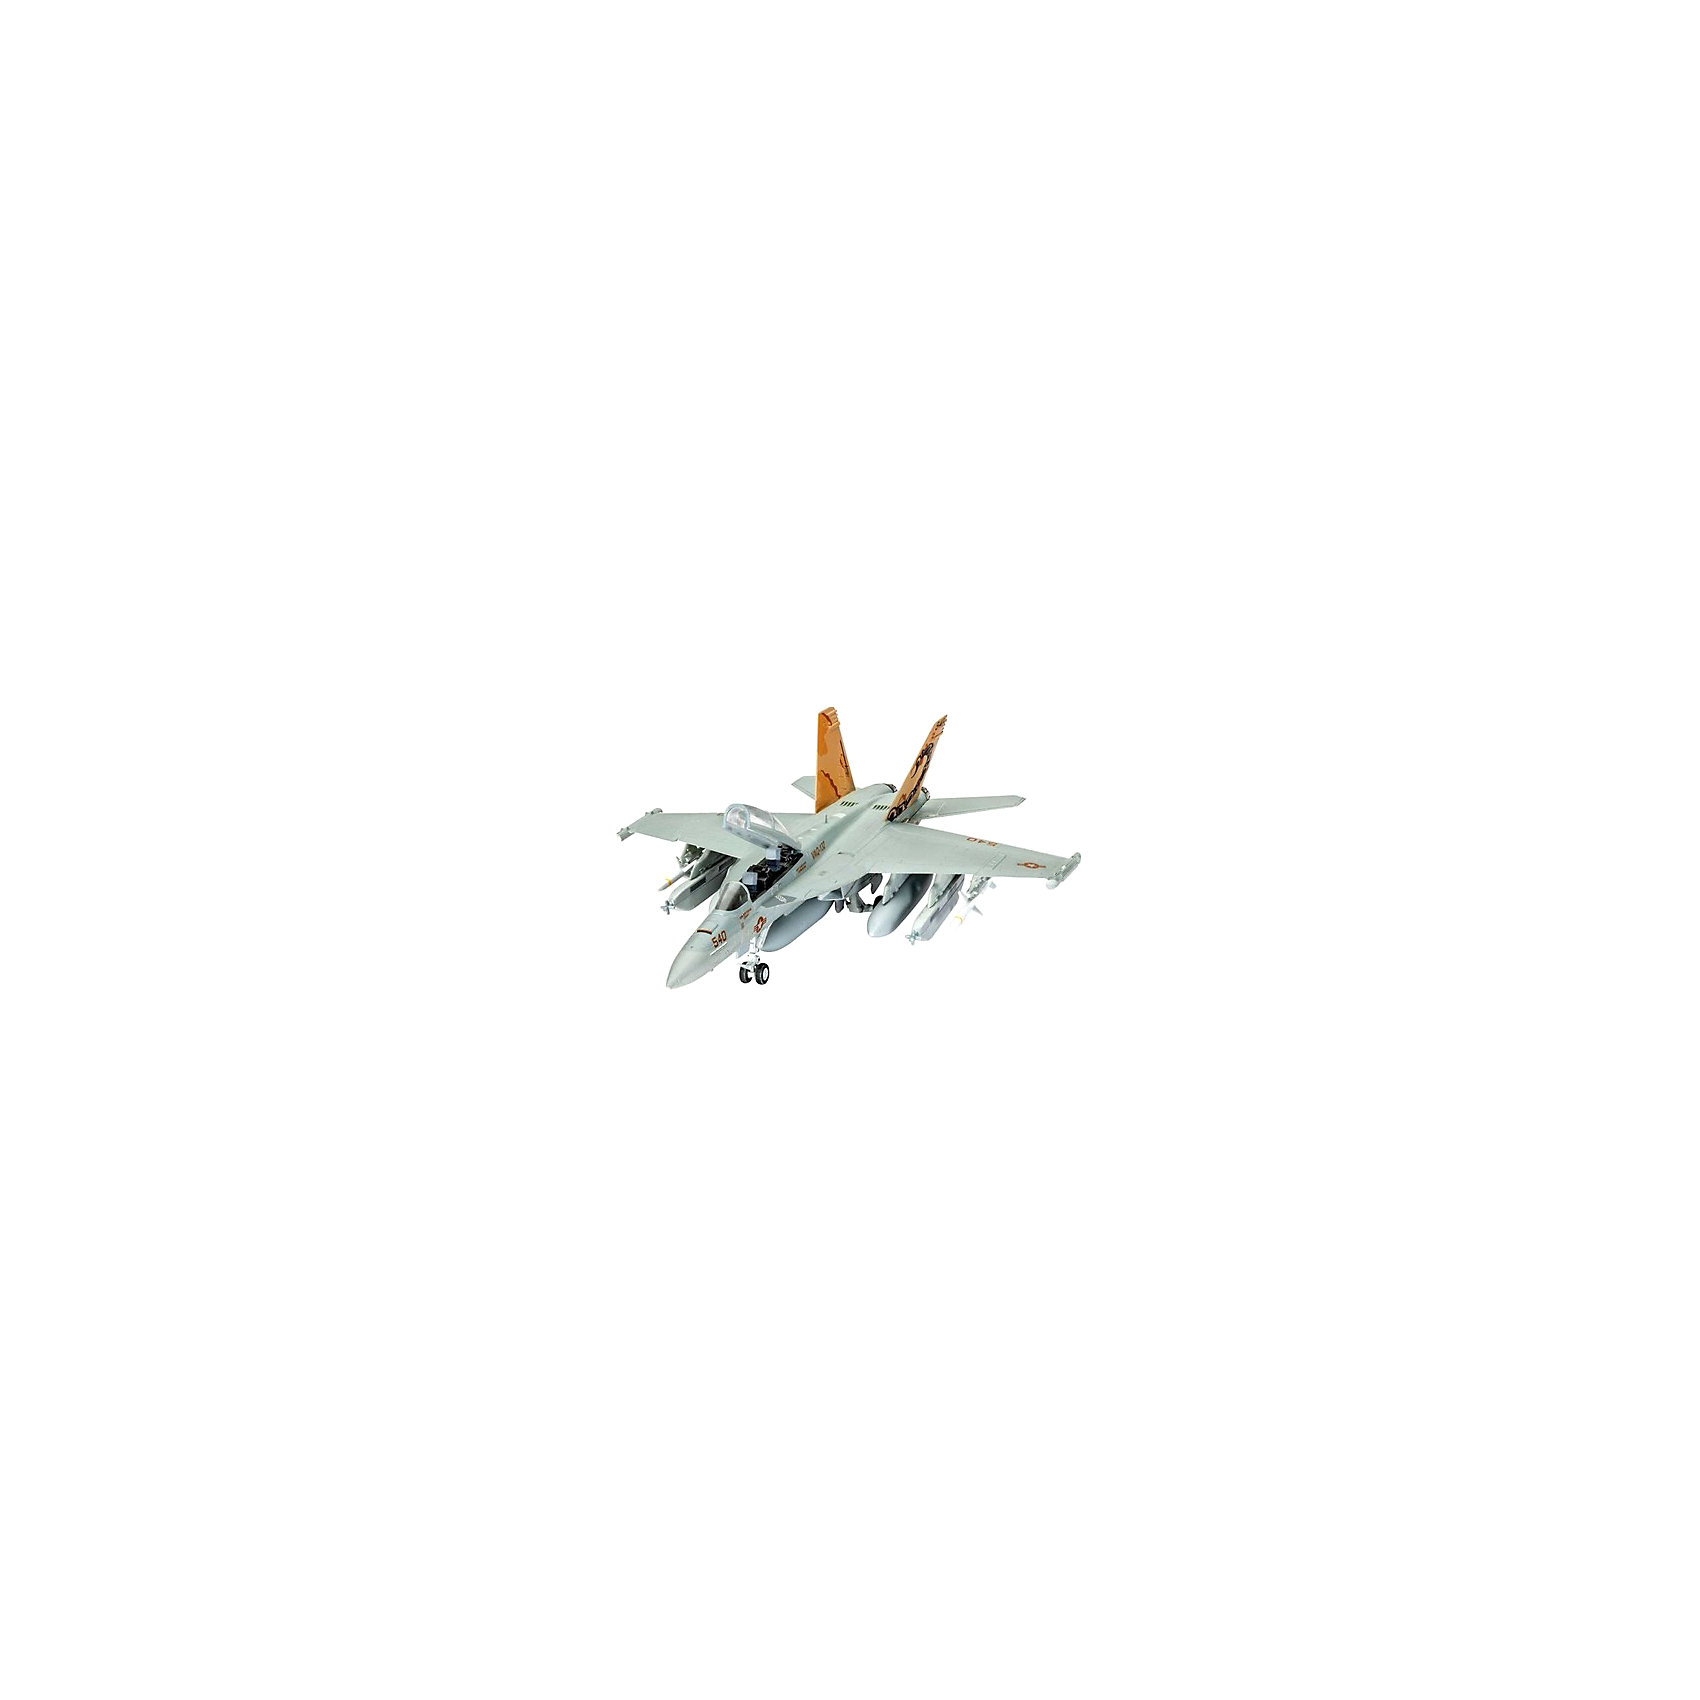 Набор Самолёт радиоэлектронной борьбы, RevellСамолёт EA-18G Growler используется военно-воздушными силами США в радиоэлектронной борьбе для уничтожения вражеских средств связи. Его миссия заключается в мониторинге и атаке вражеских центров коммуникации и радарных установок.  Превосходно выполненная сборная модель самолёта радиоэлектронной борьбы EA-18G Growler от немецкой компании Revell является абсолютно точной уменьшенной копией своего прототипа в масштабе 1:144. Модель тщательно проработанная, особое внимание уделялось деталям. Фактурные поверхности, детализированная кабина пилота с двумя сиденьями, которые могут катапультироваться, характерные шасси, а также оборудование для радиоэлектронной борьбы приближают макет самолёта к своему оригиналу. Всего модель состоит из 63 отдельных компонентов, которые необходимо собрать, склеить и покрыть краской в соответствии с инструкцией в наборе. В комплекте также прилагаются краски подлинных цветов, кисточка, уникальный набор наклеек для создания неповторимого дизайна самолёта, а также клей в удобной упаковке.  Великолепная сборная модель американского самолёта EA-18G Growler разработана немецкой компанией Revell для детей от 10 лет. Так похожая на оригинал, модель определённо обрадует не только юных поклонников моделирования, но и взрослых любителей и коллекционеров военной техники разных стран. Моделирование относят к одному из наиболее полезных хобби, ведь оно отлично тренирует мелкую моторику, развивает такие навыки как усидчивость, аккуратность и внимательность. Кроме того, развивается пространственное мышление, логика и креативность.<br><br>Набор Самолёт радиоэлектронной борьбы, Revell можно купить в нашем магазине.<br><br>Ширина мм: 270<br>Глубина мм: 230<br>Высота мм: 33<br>Вес г: 260<br>Возраст от месяцев: 120<br>Возраст до месяцев: 180<br>Пол: Мужской<br>Возраст: Детский<br>SKU: 4560888